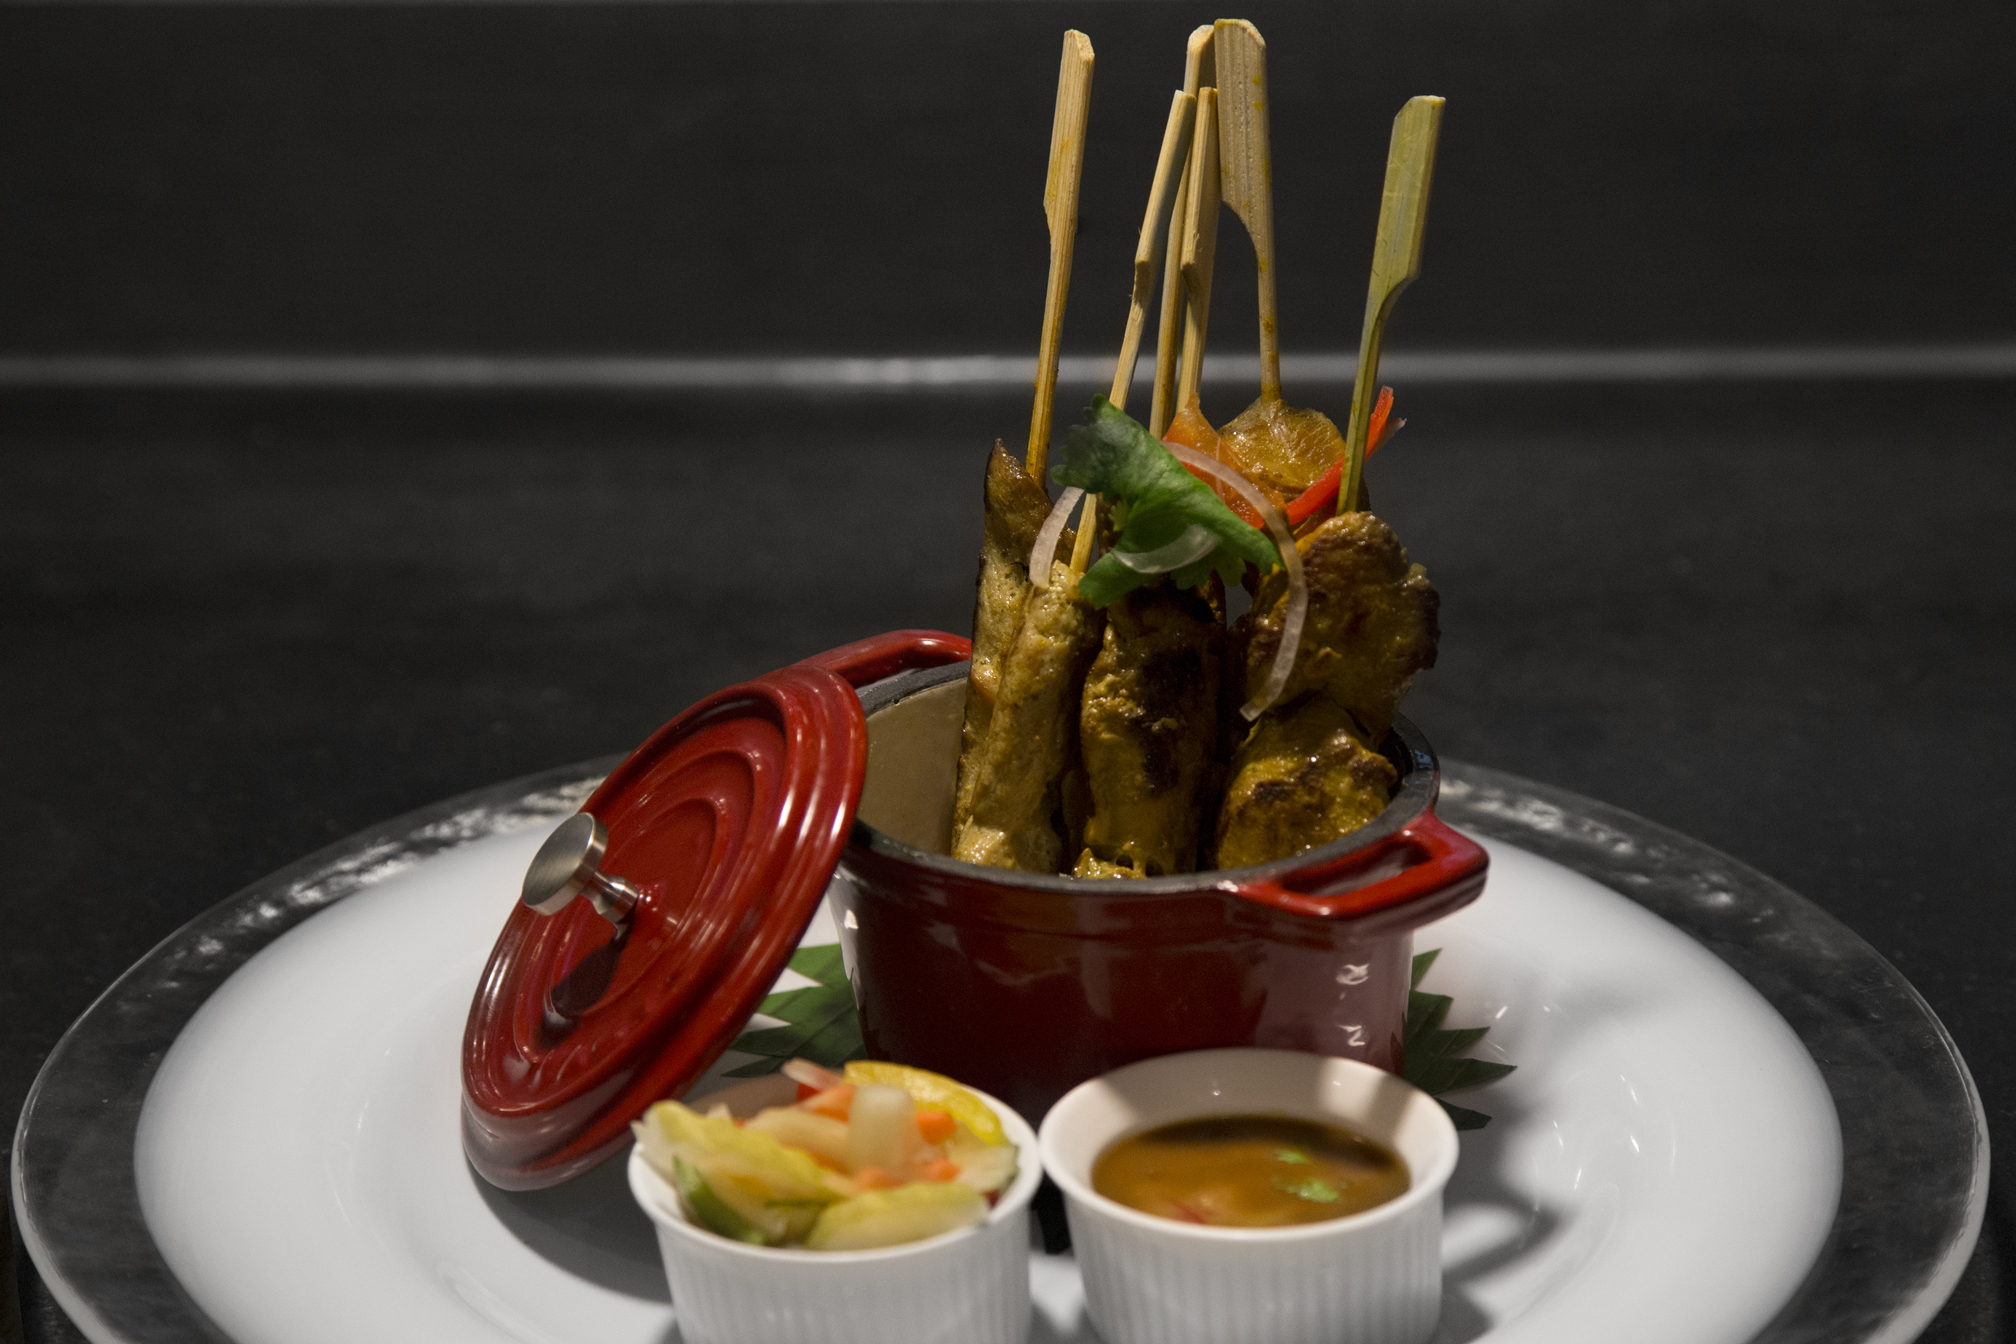 BYD_Food_2.jpg